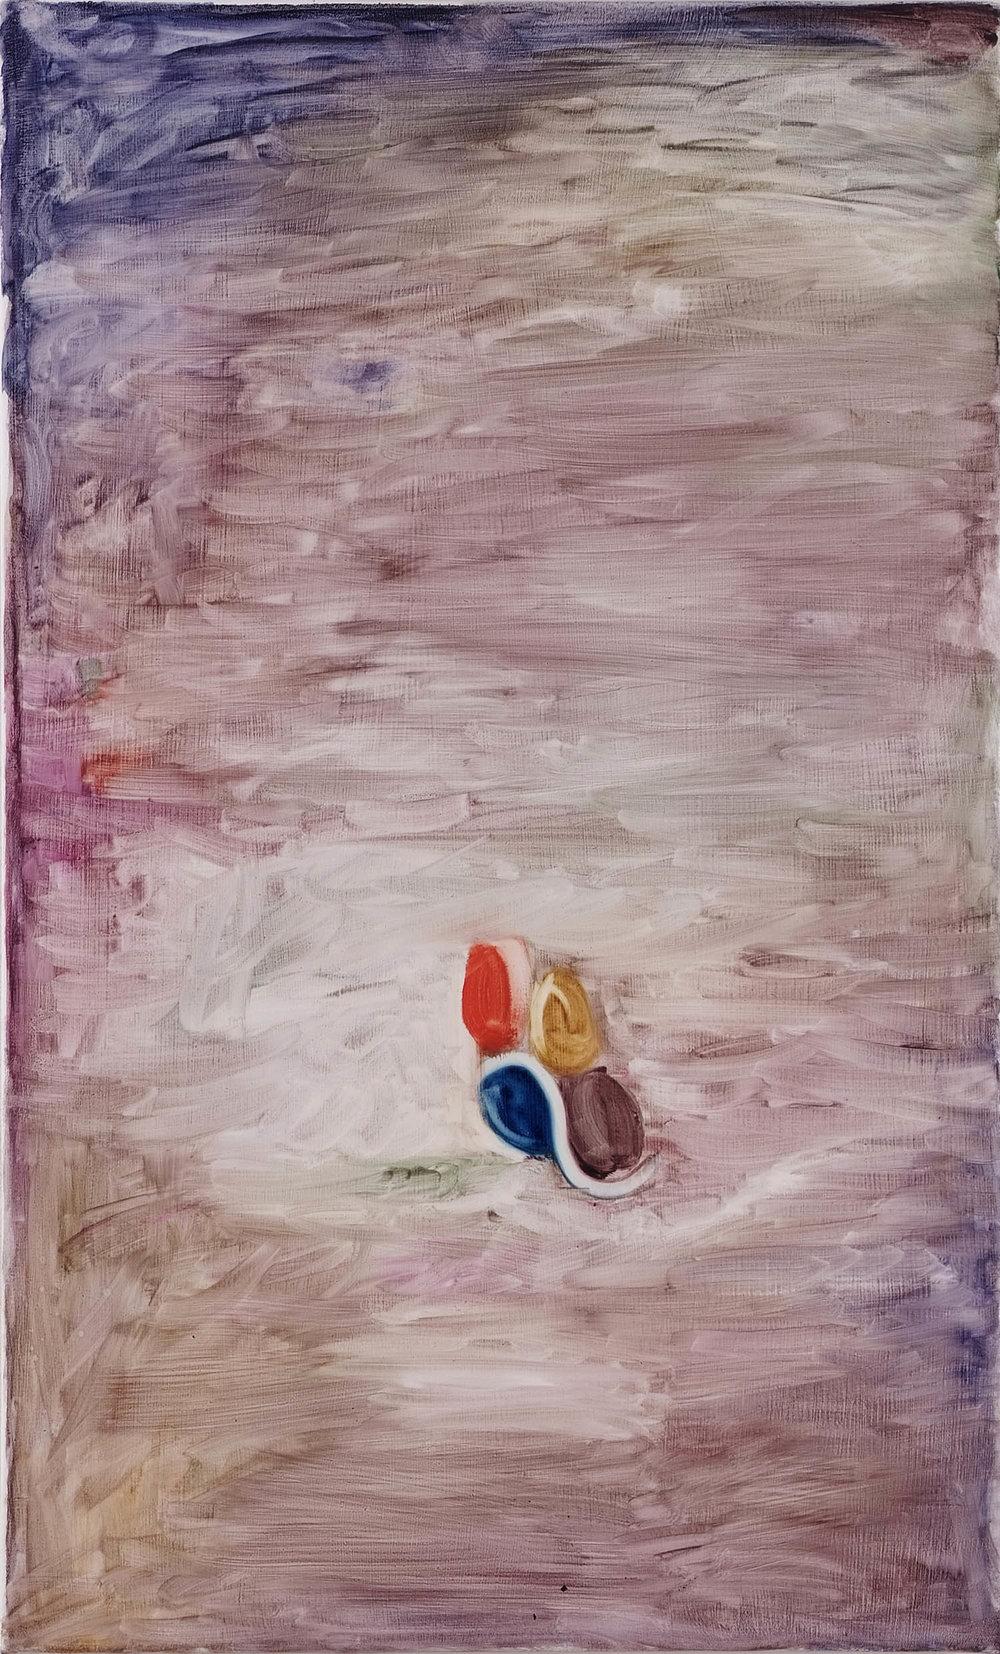 Untitled | 2009 | Öl auf Leinwand | 65 x 40 cm